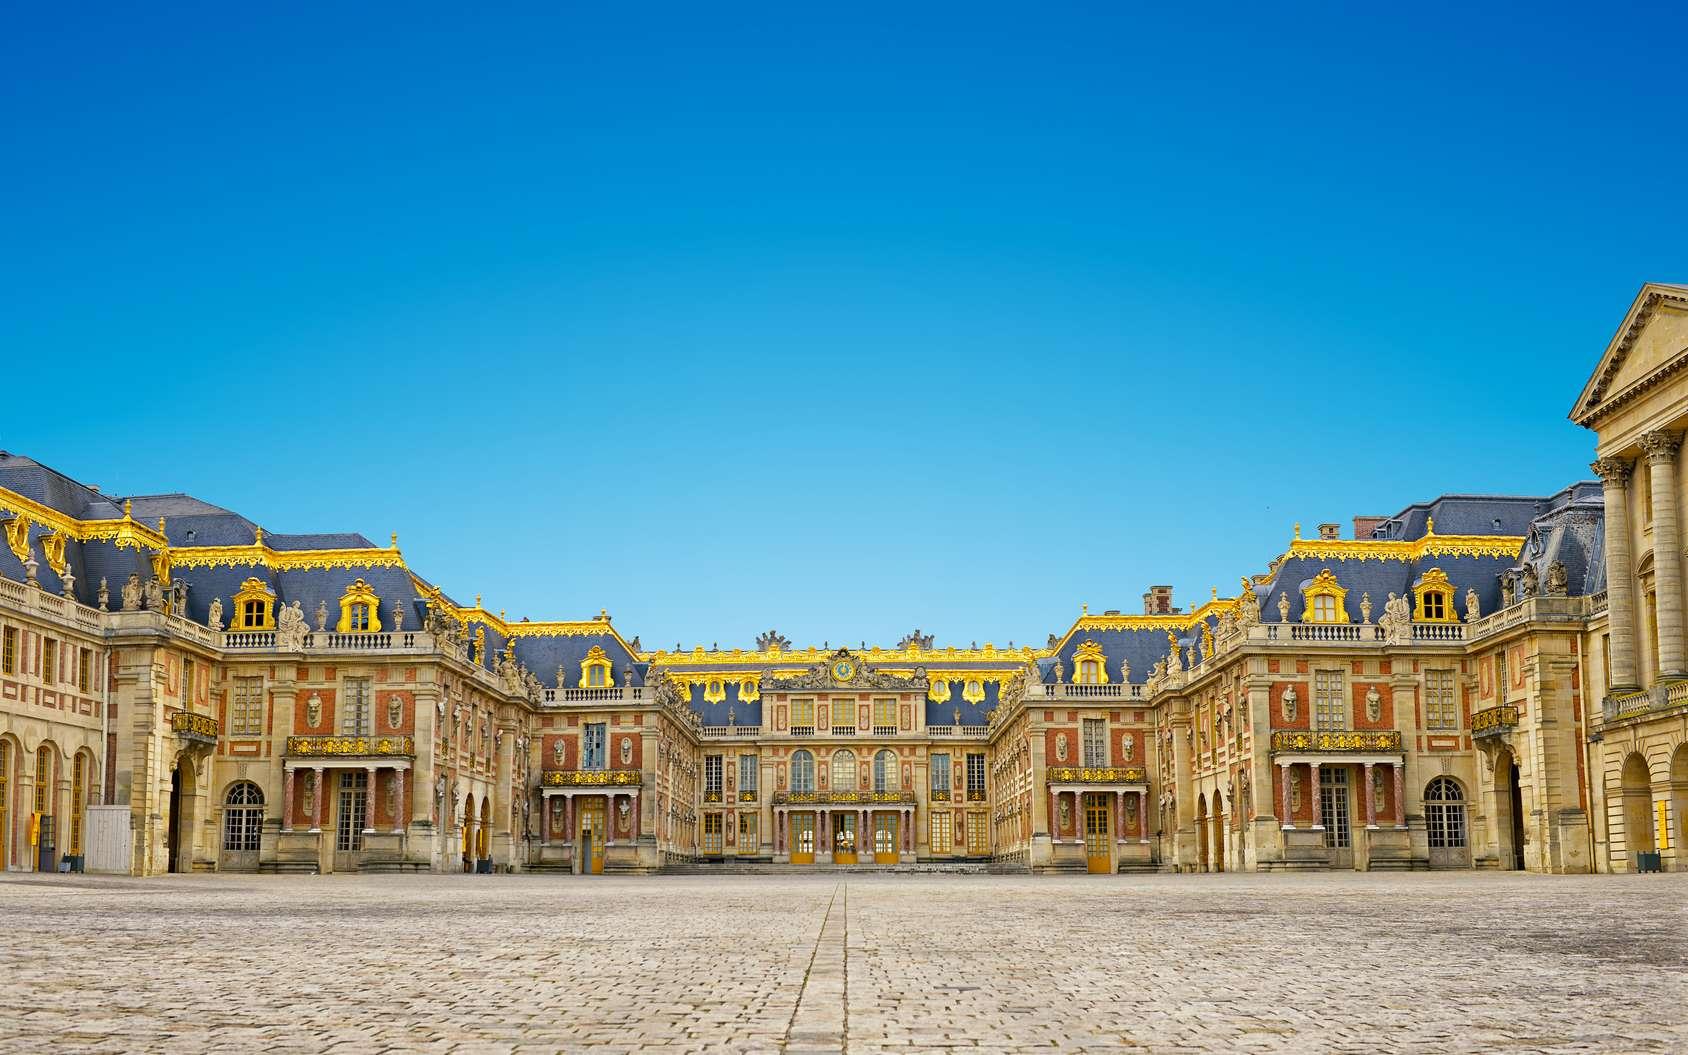 Le château de Versailles tel que nous le connaissons aujourd'hui a connu de nombreuses évolutions au fil des siècles. © Thomas Lenne, Fotolia